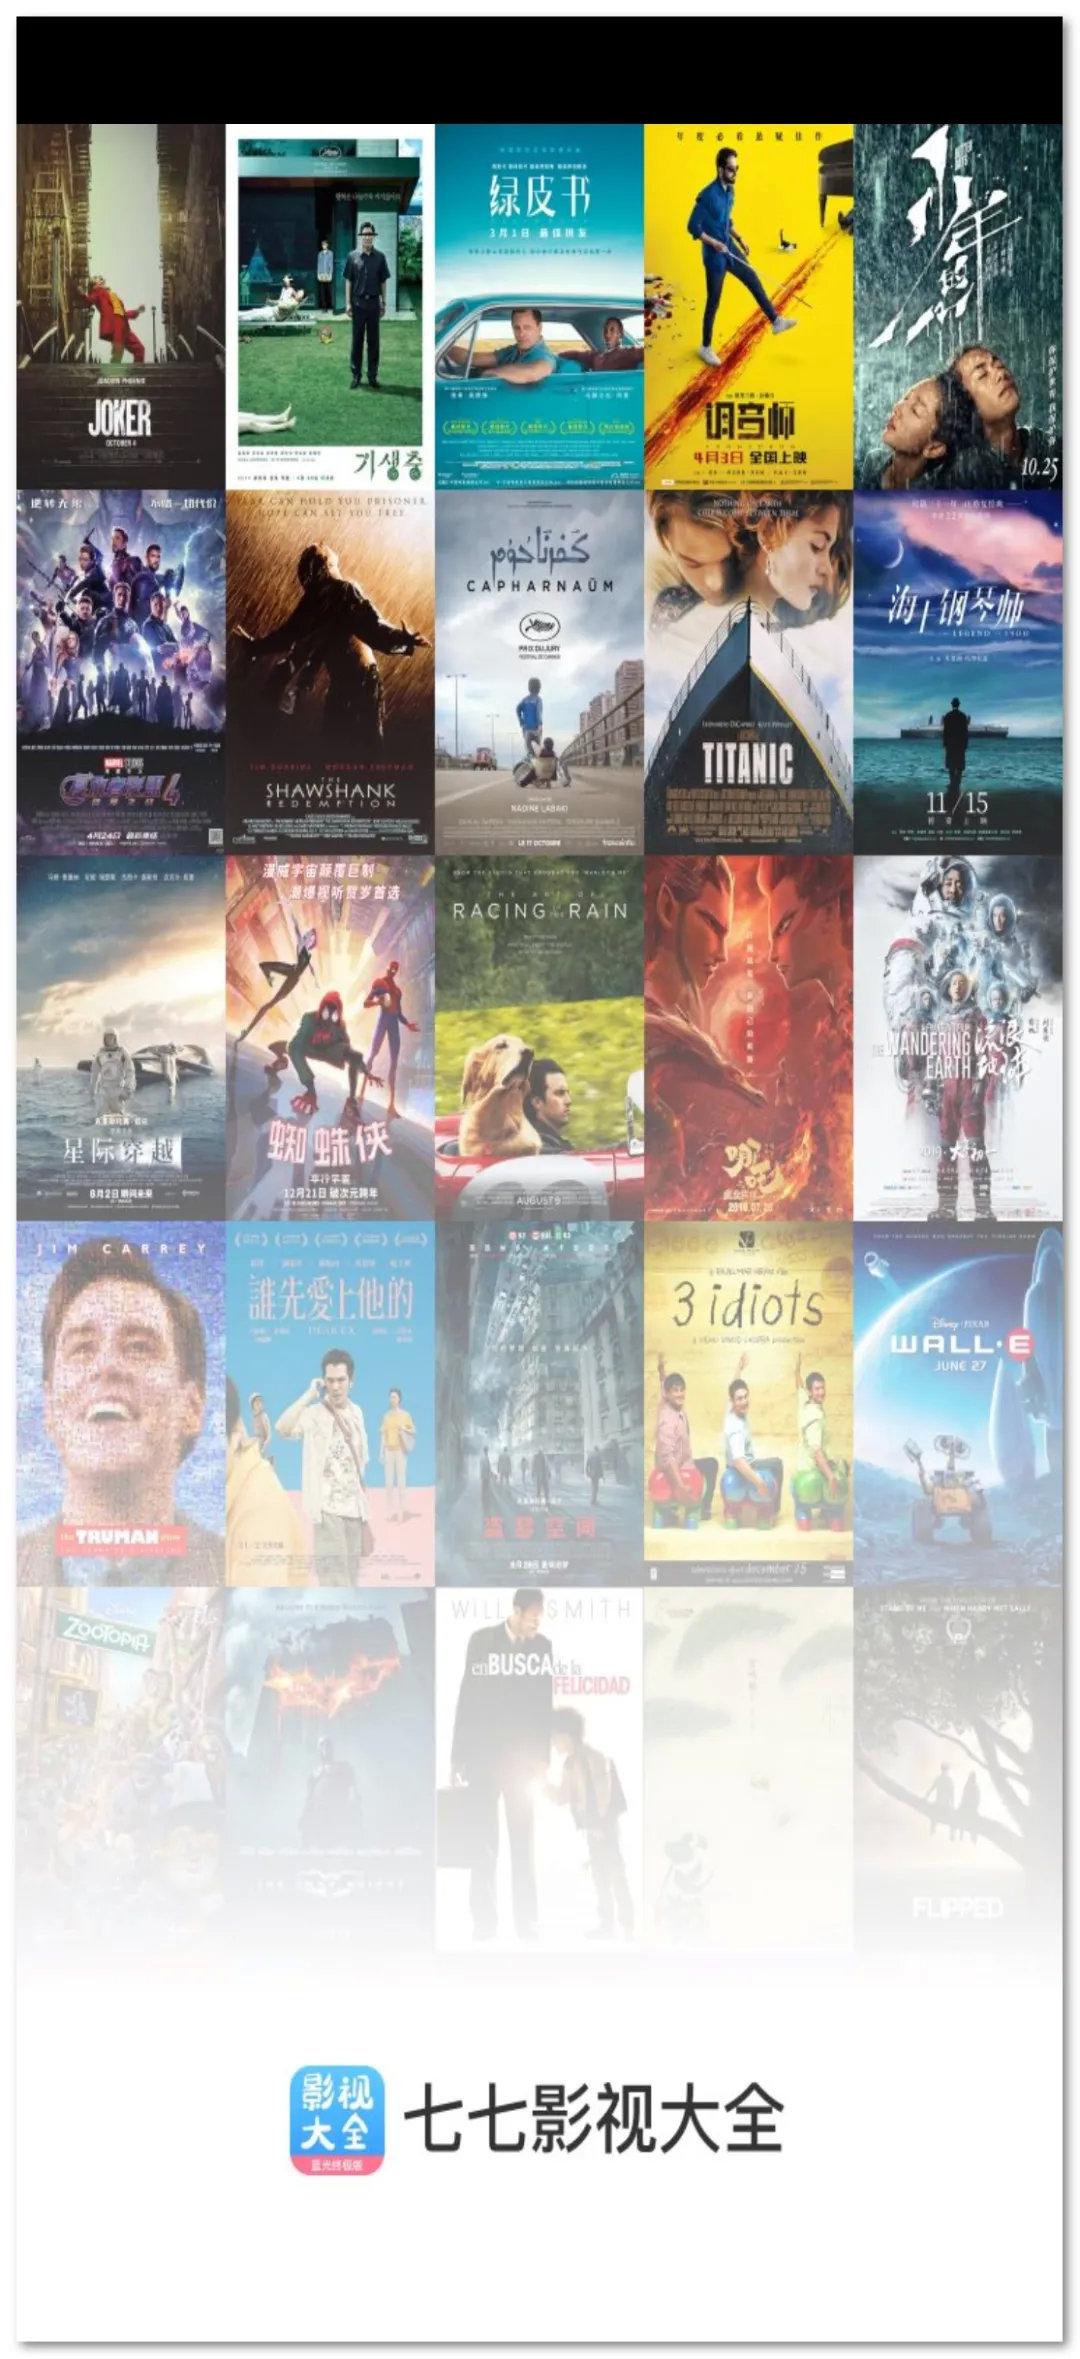 七七影视大全看片软件,高清蓝光画质,聚合多个视频资源平台! 影视软件 第1张